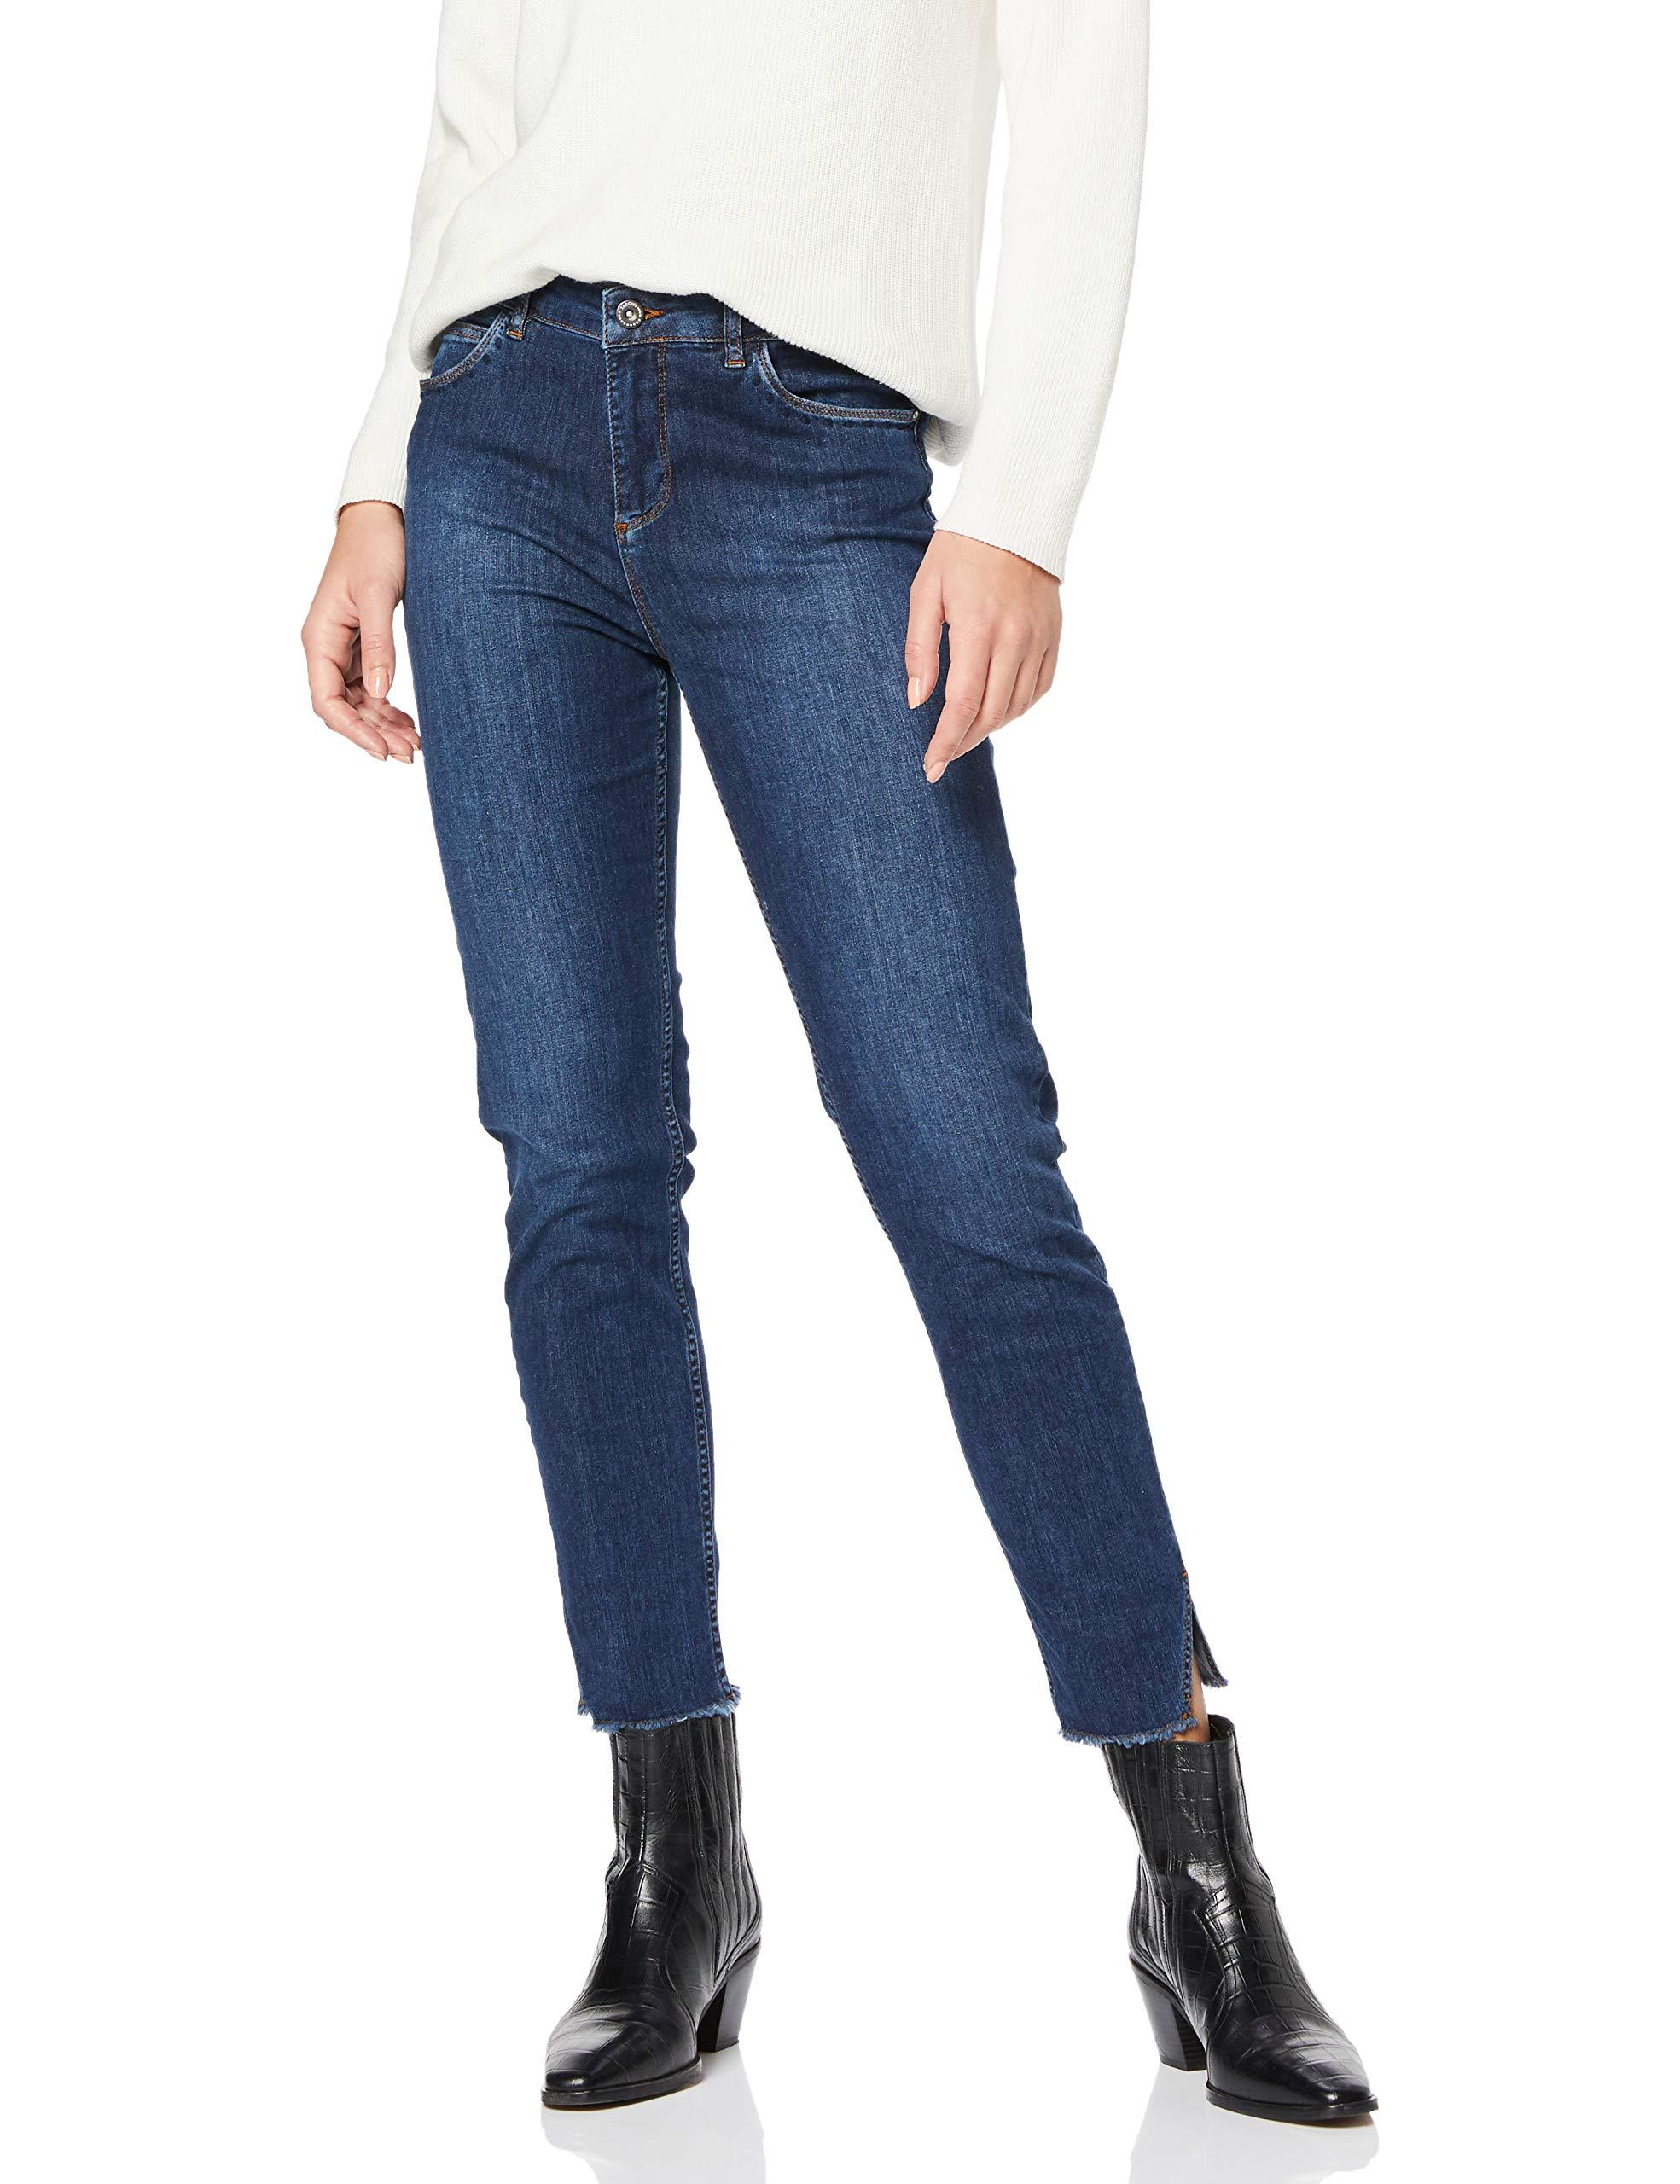 Skinny Femme Yargıcı;Pantalon Bleu W24 l33 POX8nwk0